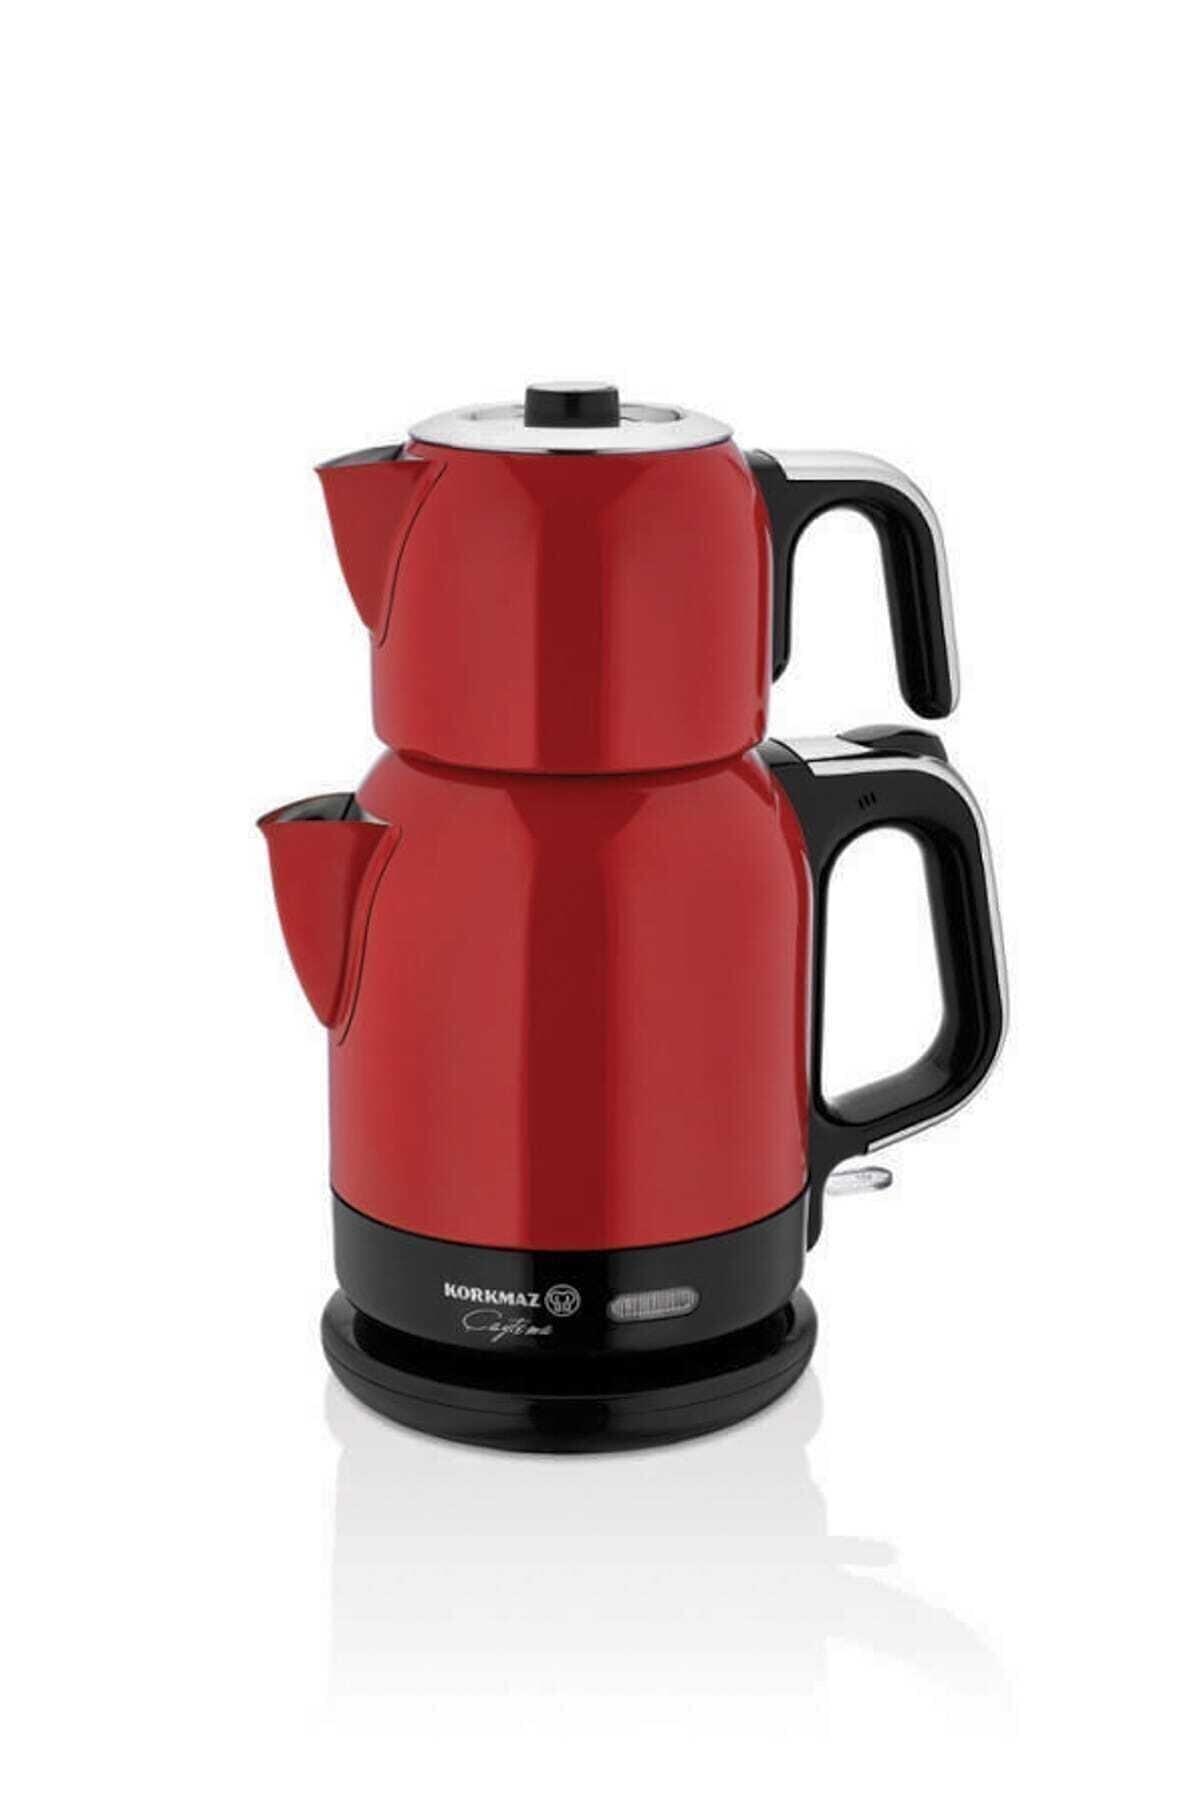 Kırmızı Krom Çaytema Elektrikli Çaydanlık A331-05